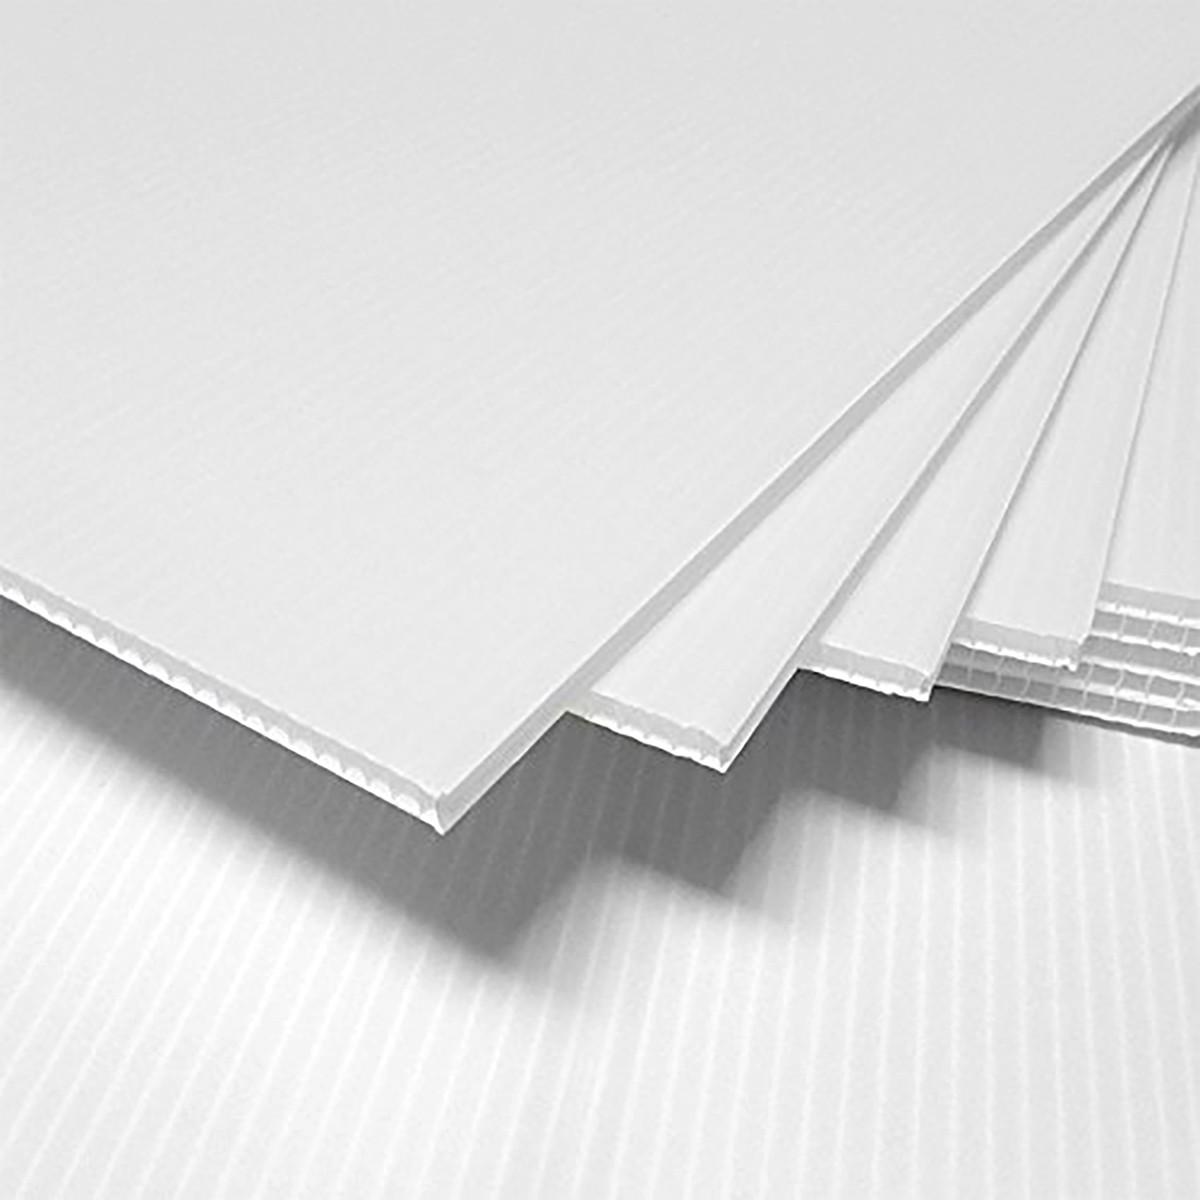 PP saćasta ploča bela 3 mm / 500 gr - 1220x2440mm